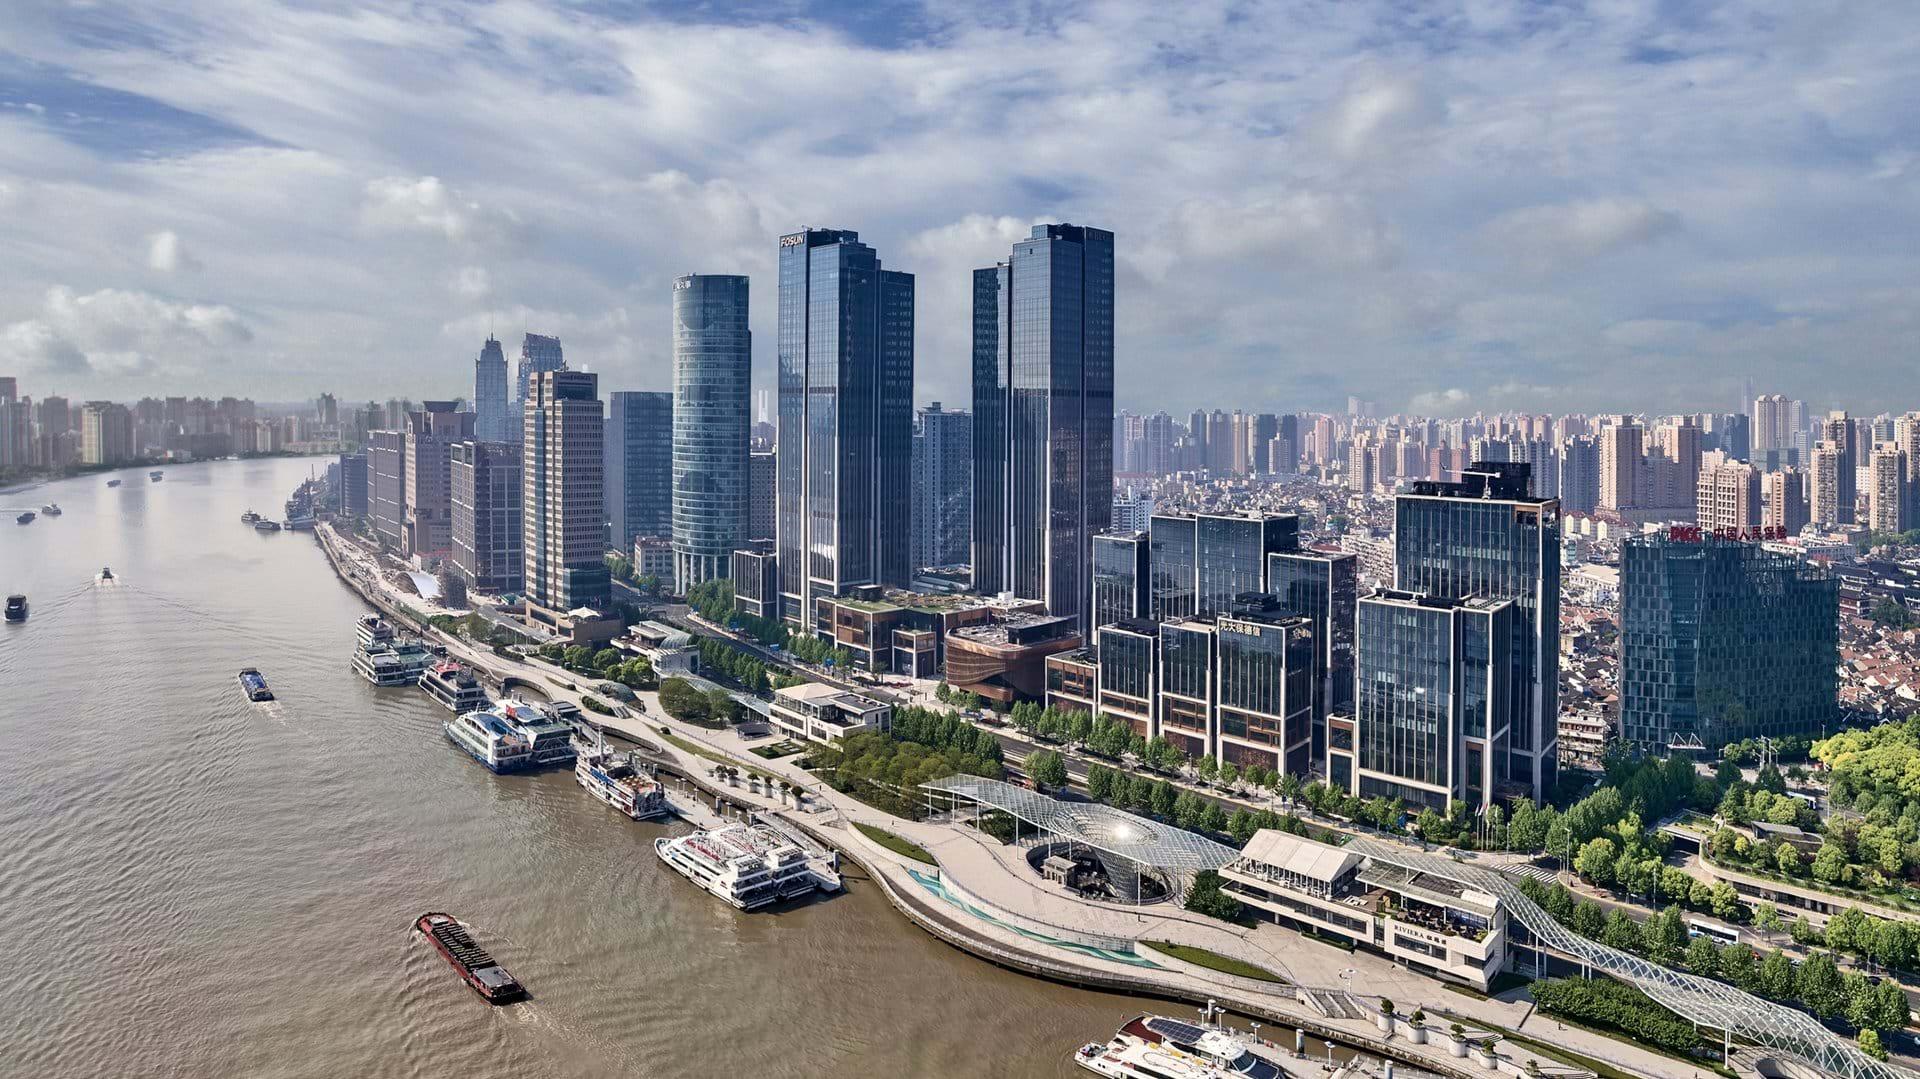 Bund Finance Center Shanghai